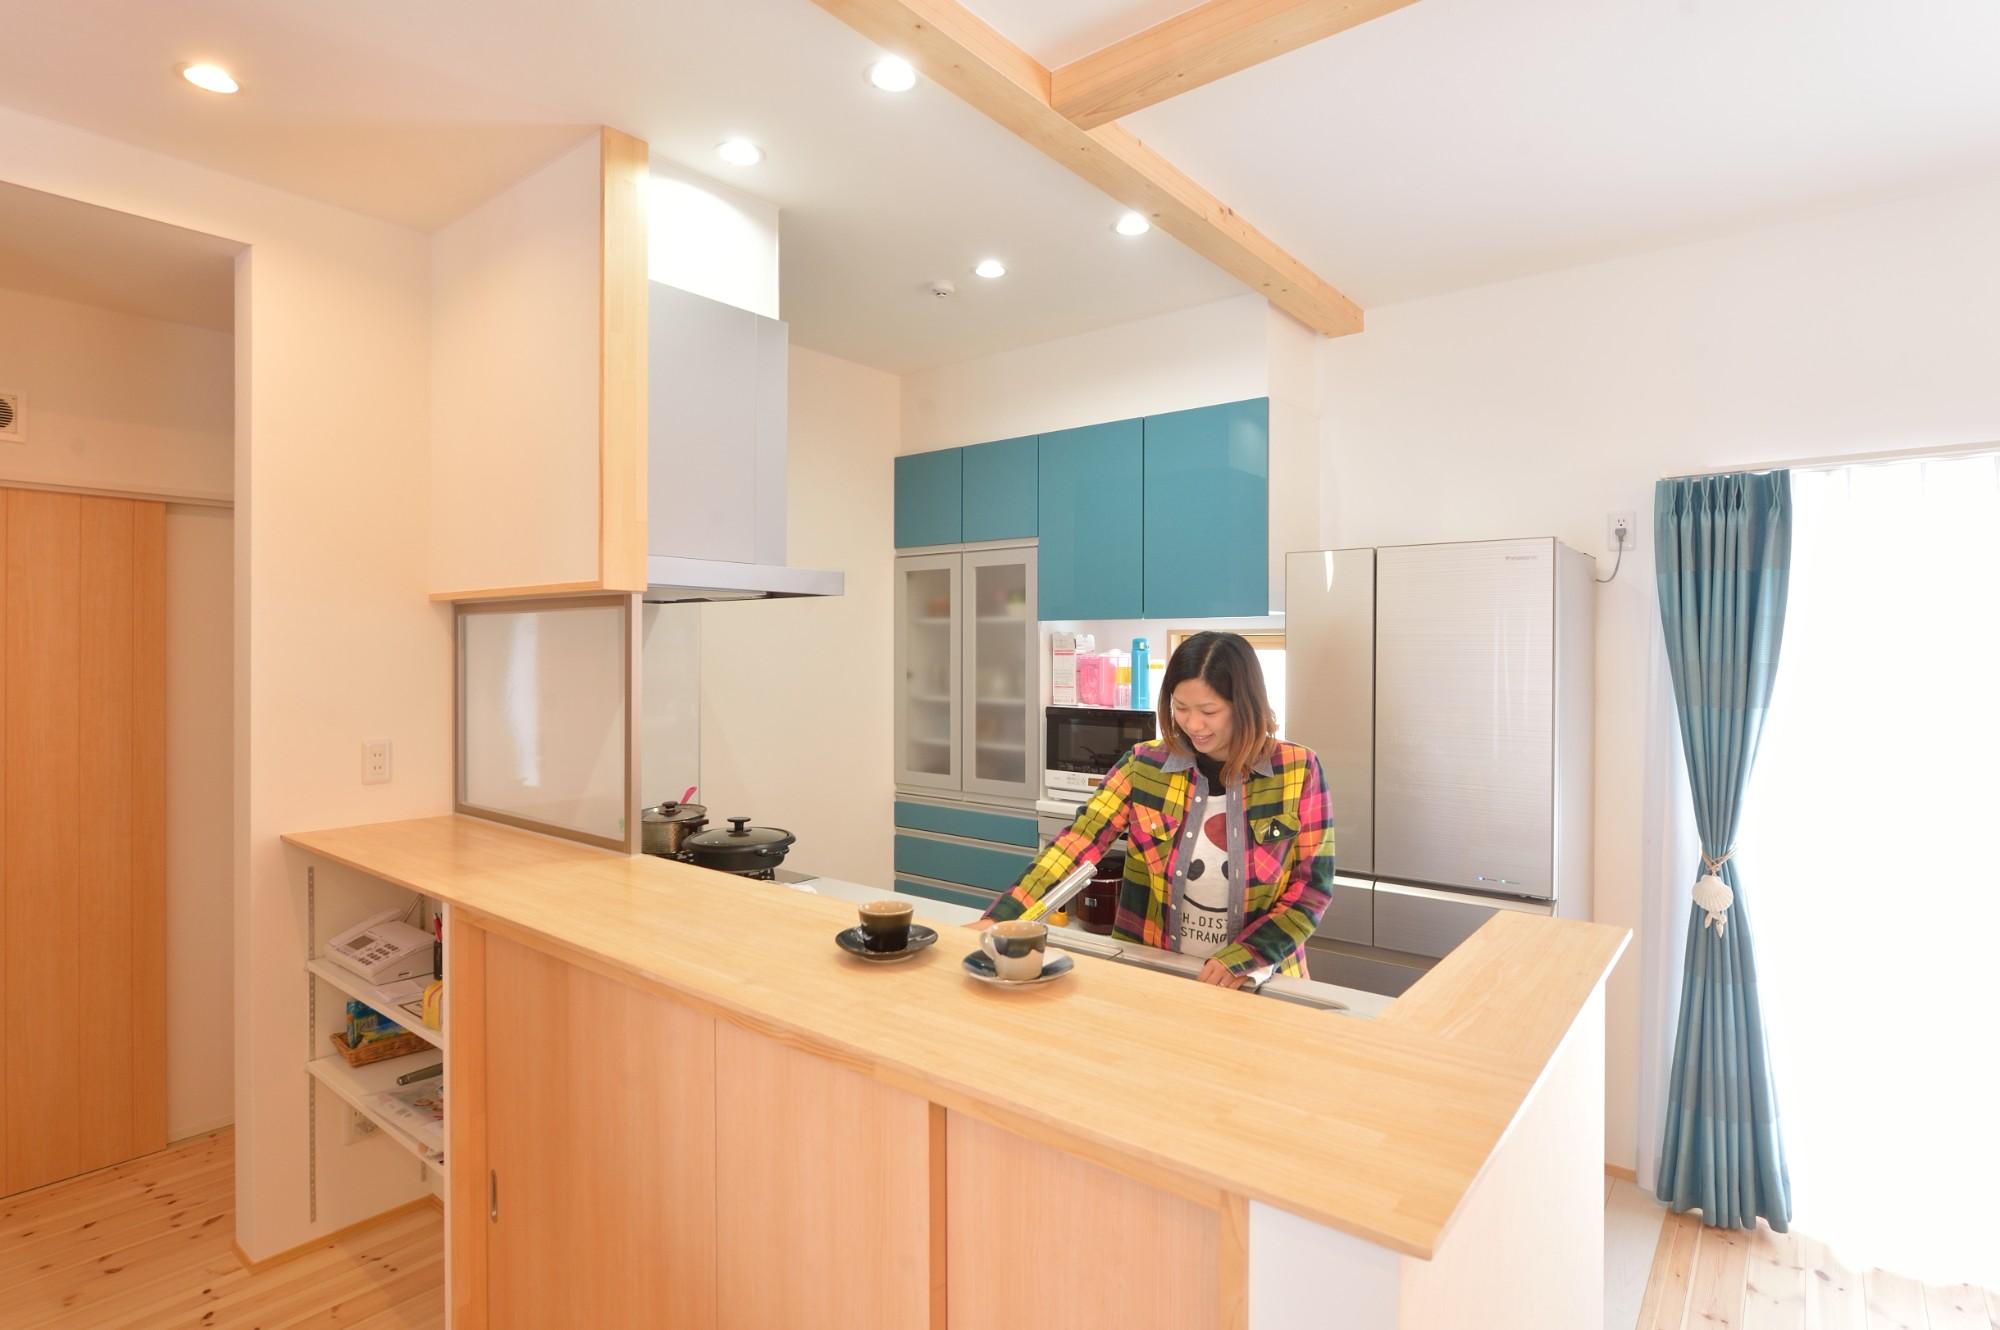 家'Sハセガワ株式会社「Time flies here ~時間を忘れる空間~」のシンプル・ナチュラル・自然素材なキッチンの実例写真